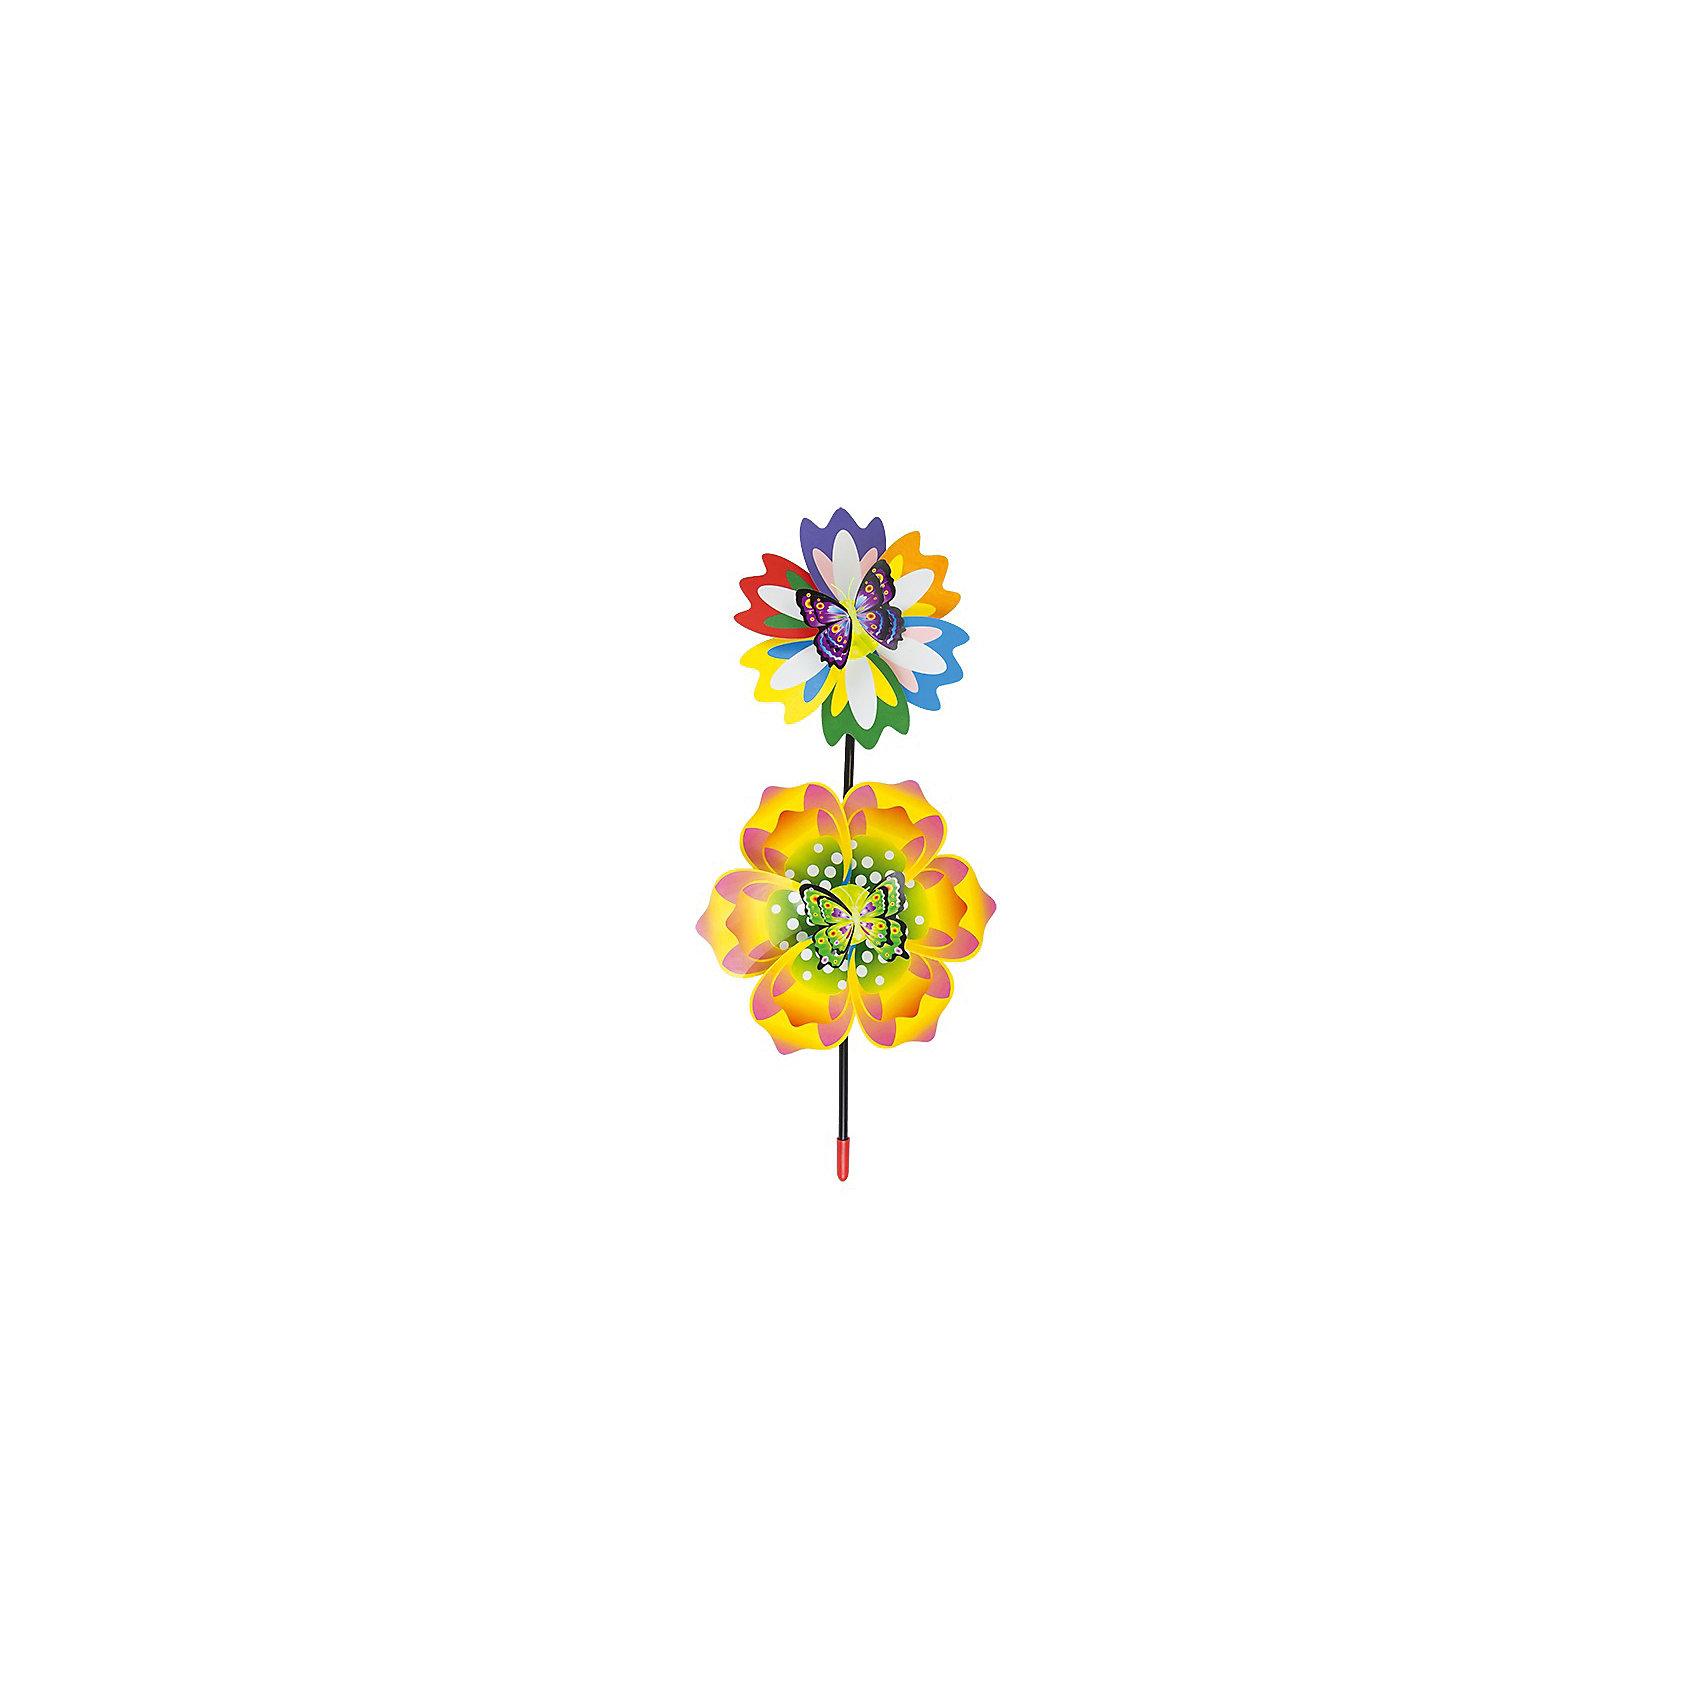 Ветрячок 2 вертушки, 56х25 см, ZilmerВетрячки - популярное летнее развлечение на свежем воздухе. Ветрячок 2 вертушки, Zilmer, имеет яркий привлекательный дизайн, разноцветные лепесточки крутятся даже от малейшего ветерка. Игрушка прекрасно подойдет и девочкам и мальчикам, подарит отличное настроение и сделает день ещё насыщеннее и веселее.<br><br>Дополнительная информация:<br><br>- Материал: пластик. <br>- Размер вертушки: 56 х 25 см.<br>- Размер упаковки: 56 х 25 х 8 см.<br>- Вес: 83 гр.<br> <br>Ветрячок 2 вертушки, 56 х 25 см., Zilmer, можно купить в нашем интернет-магазине.<br><br>Ширина мм: 560<br>Глубина мм: 250<br>Высота мм: 80<br>Вес г: 83<br>Возраст от месяцев: 36<br>Возраст до месяцев: 72<br>Пол: Унисекс<br>Возраст: Детский<br>SKU: 4622242